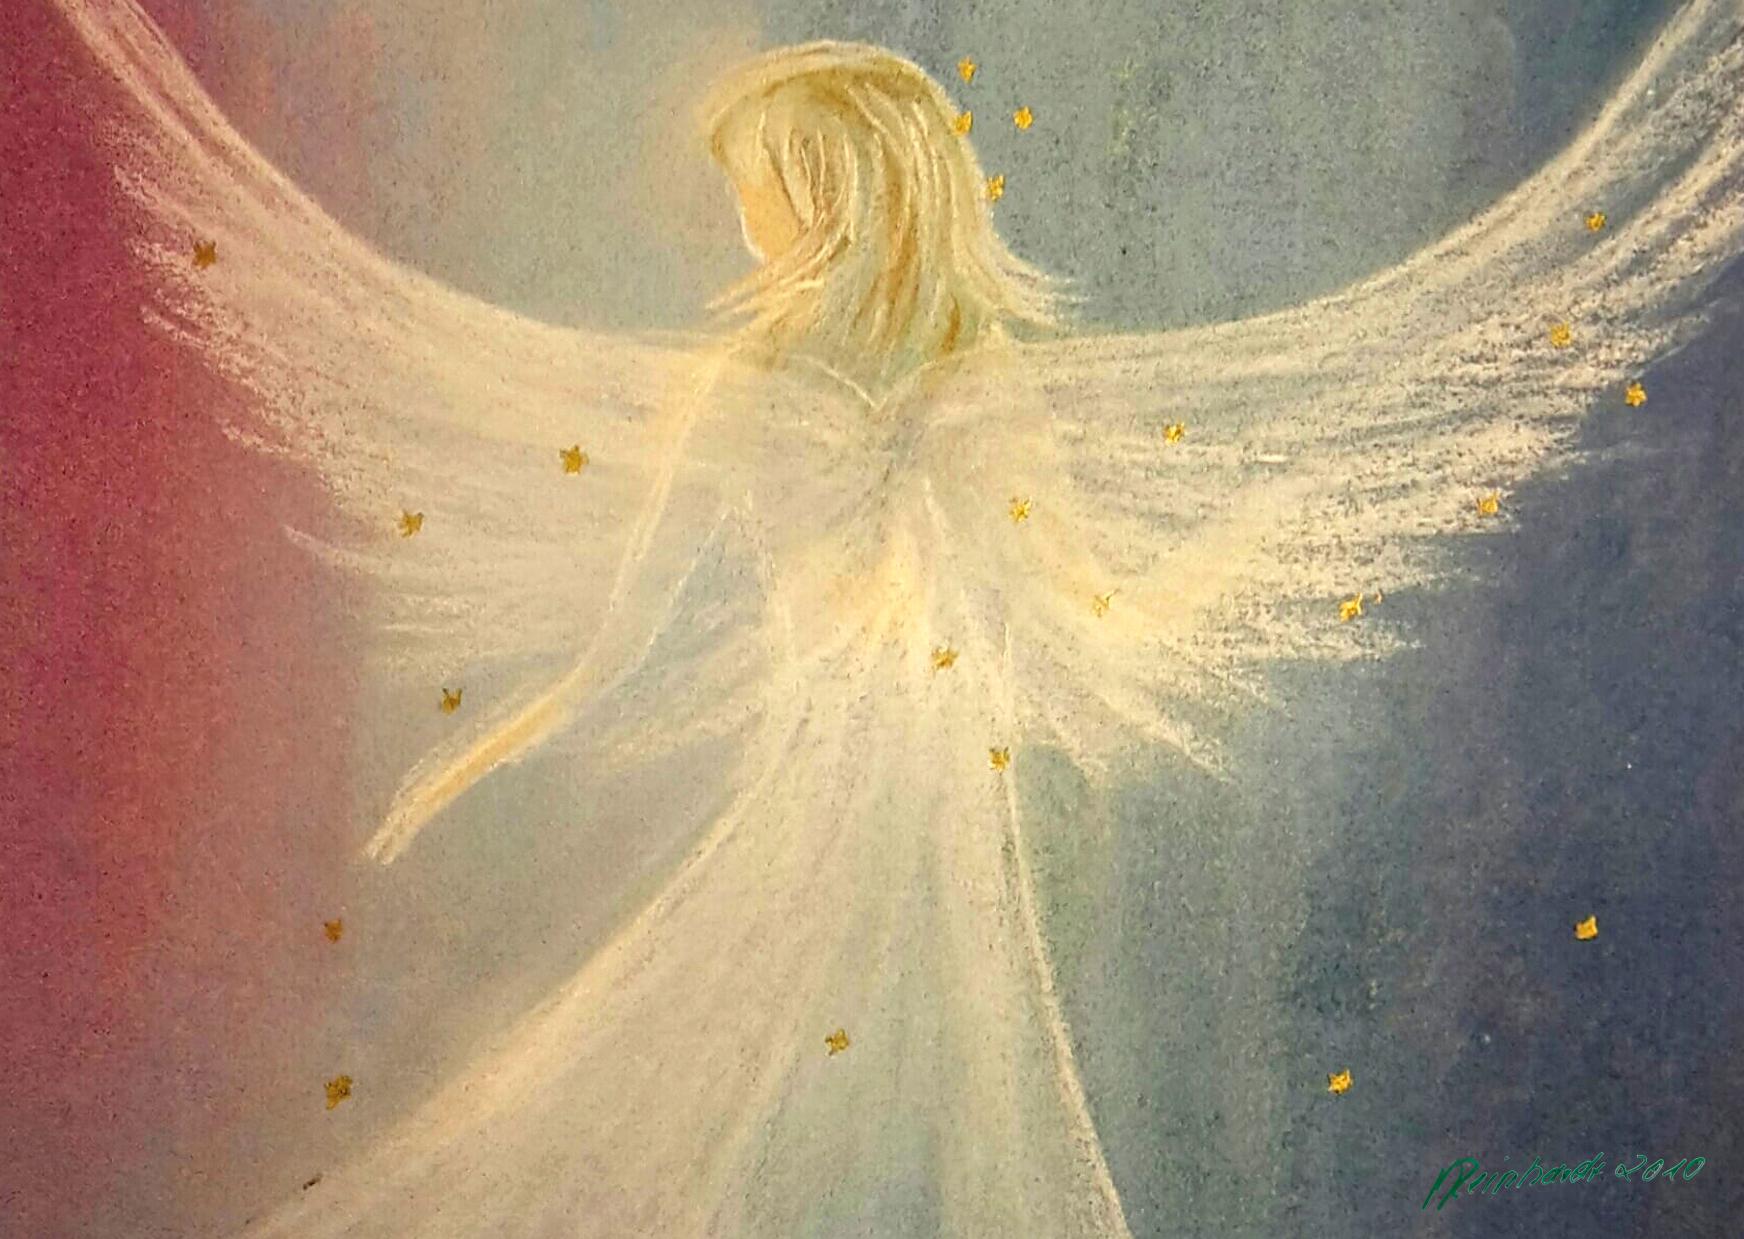 Der Engel der Ruhe und Gelassenheit